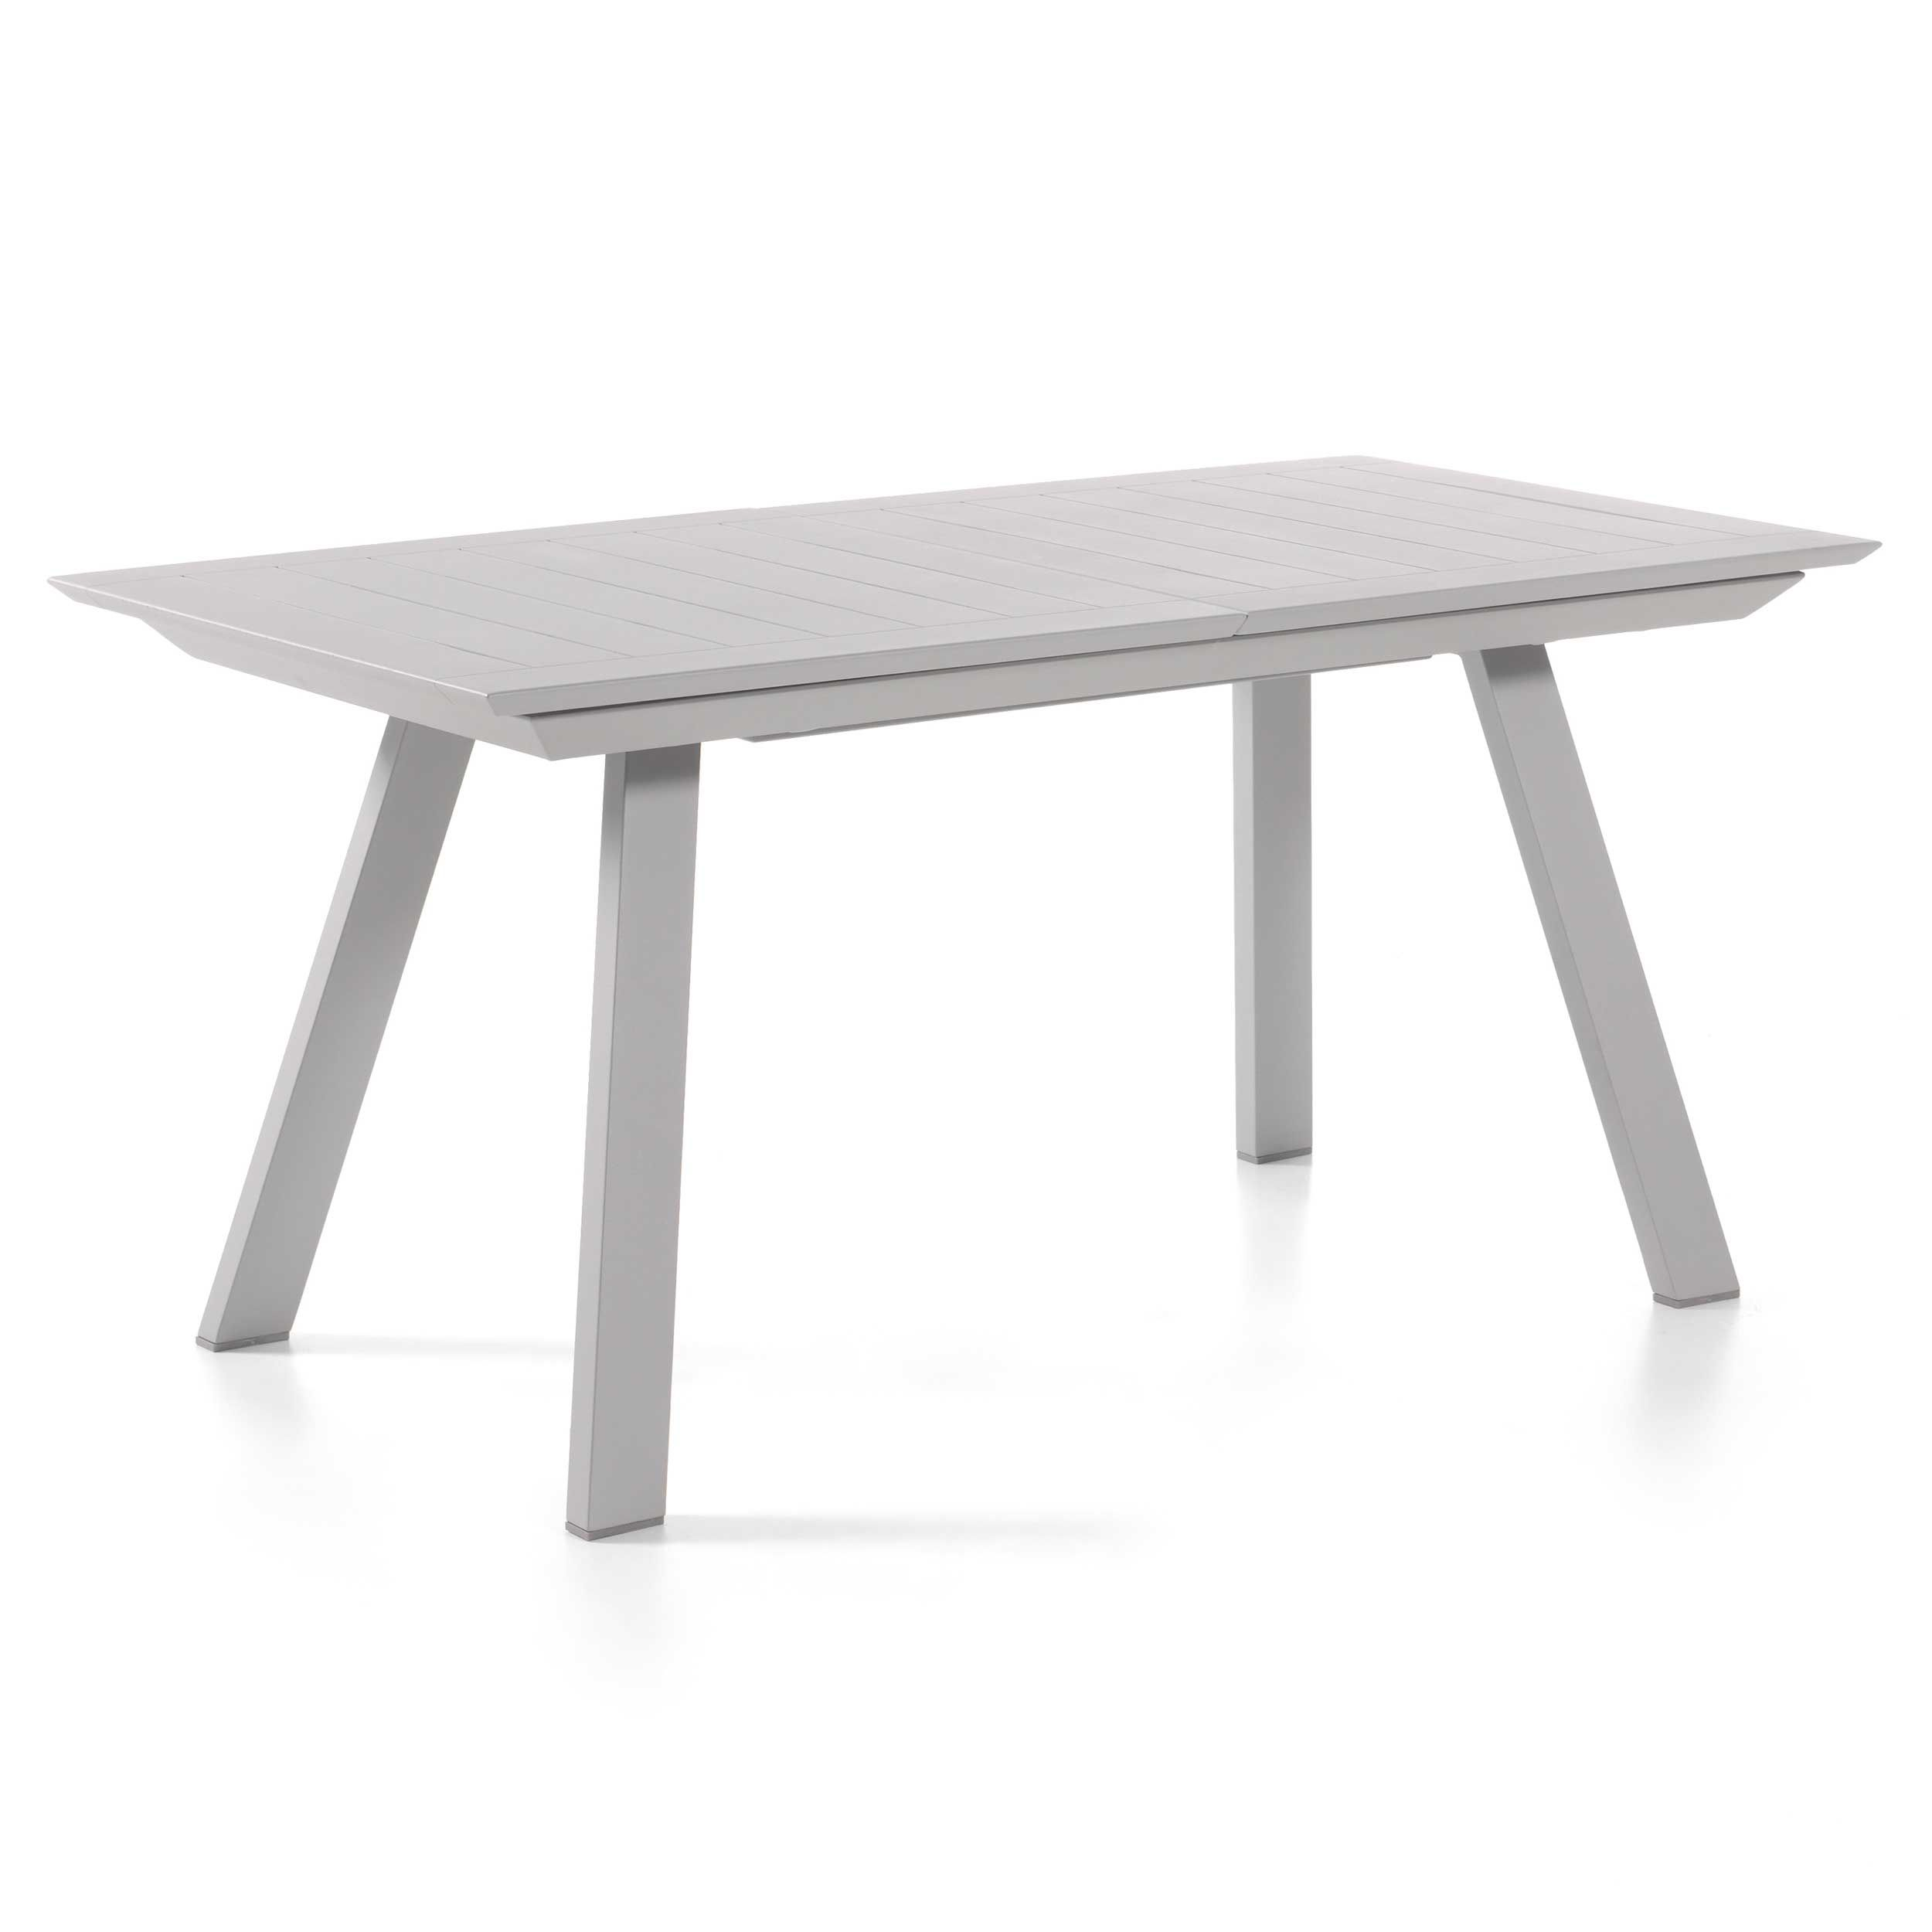 Table de jardin extensible Casey 160/240 - gris